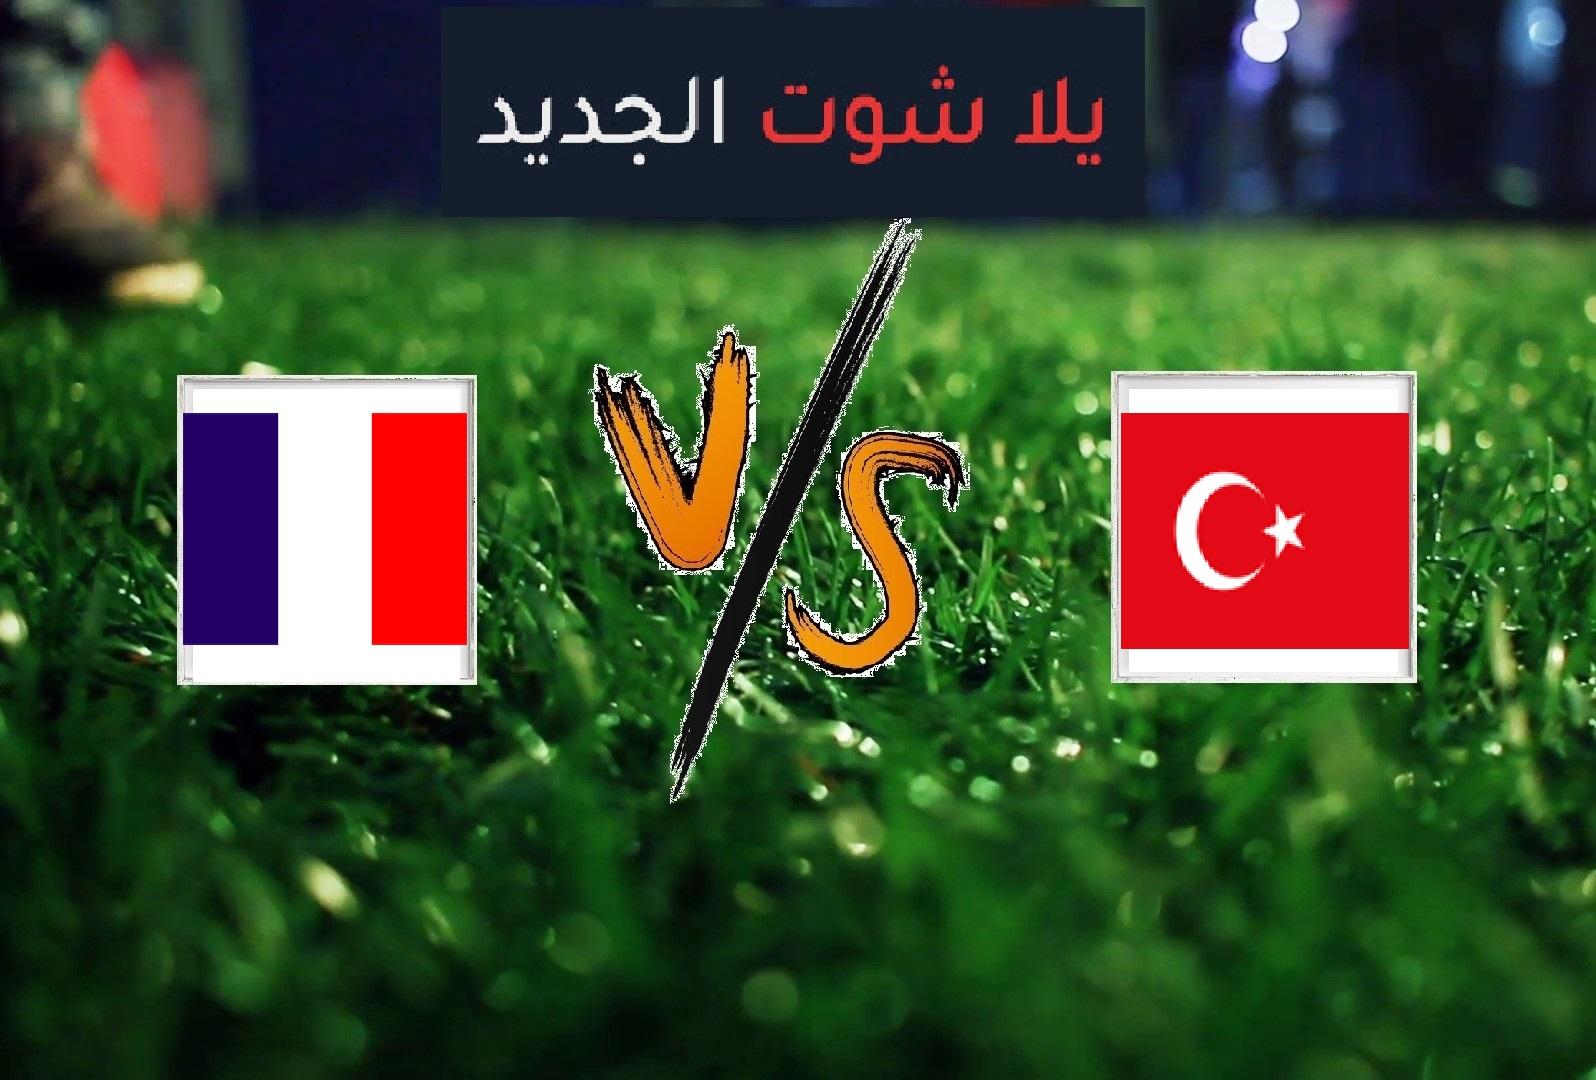 ملخص مباراة فرنسا وتركيا اليوم السبت بتاريخ 08-06-2019 التصفيات المؤهلة ليورو 2020